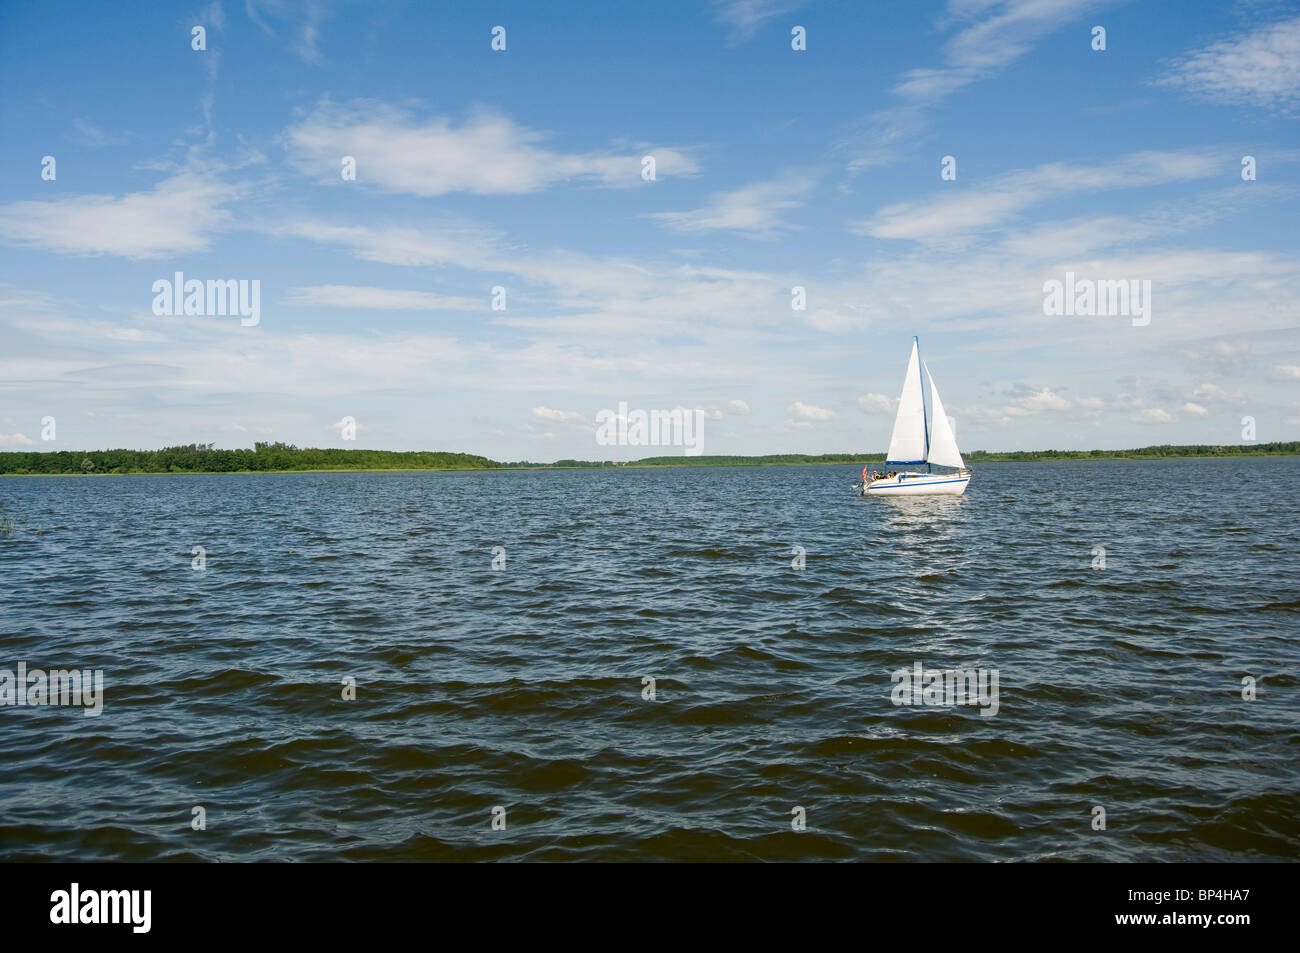 Yacht on Mazyury - Stock Image